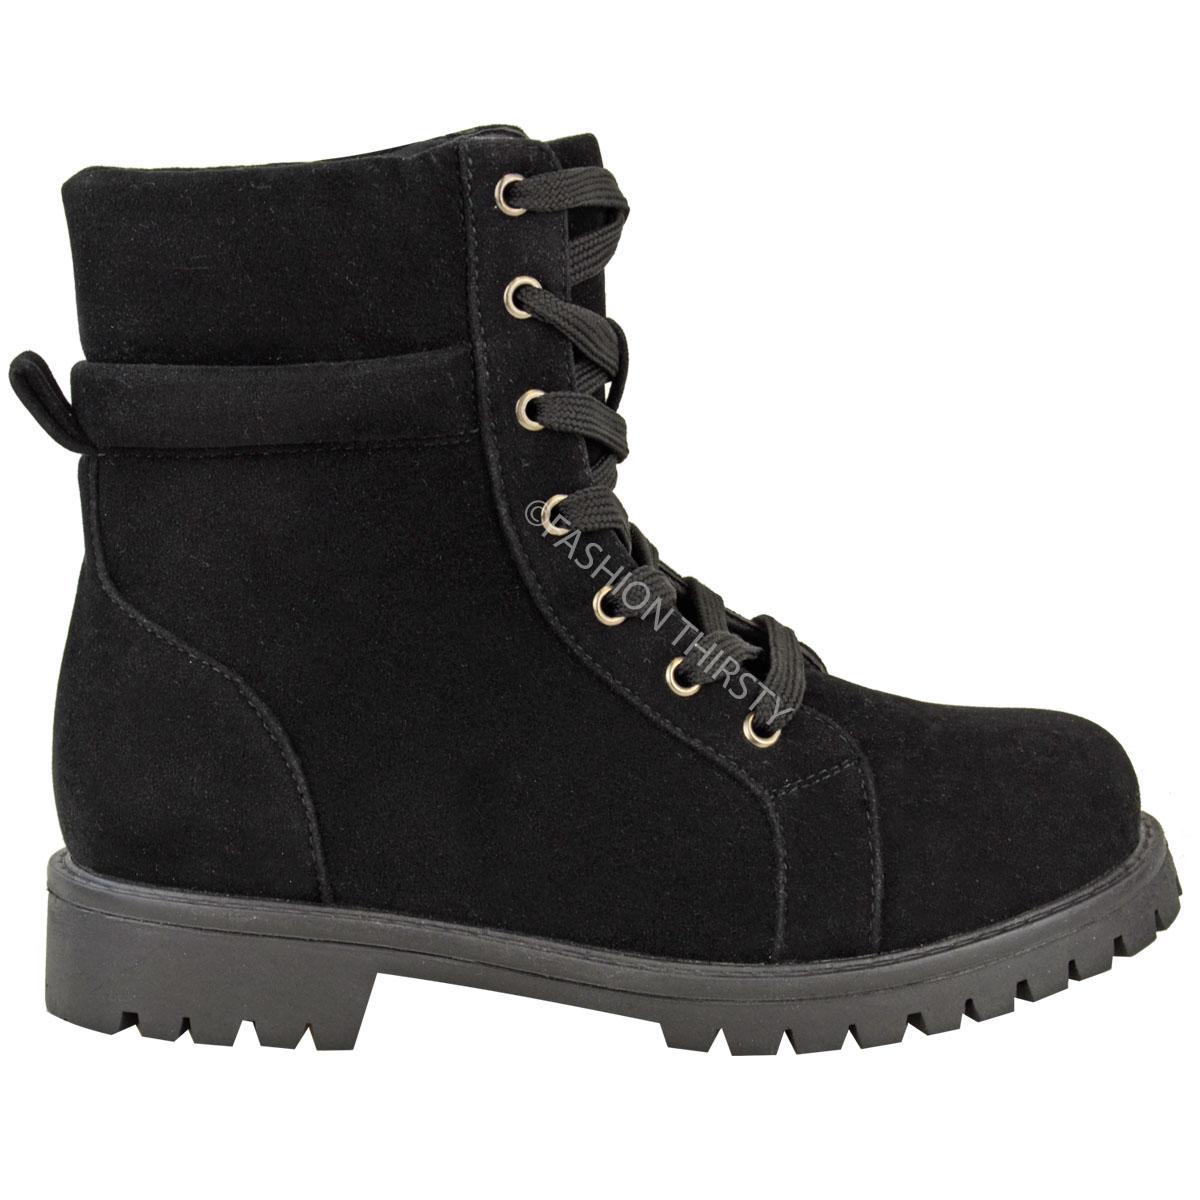 DAMEN zapatos 127074 STIEFELETTEN FASHIONTIPP SCHWARZ 36 FASHIONTIPP STIEFELETTEN 514f9d